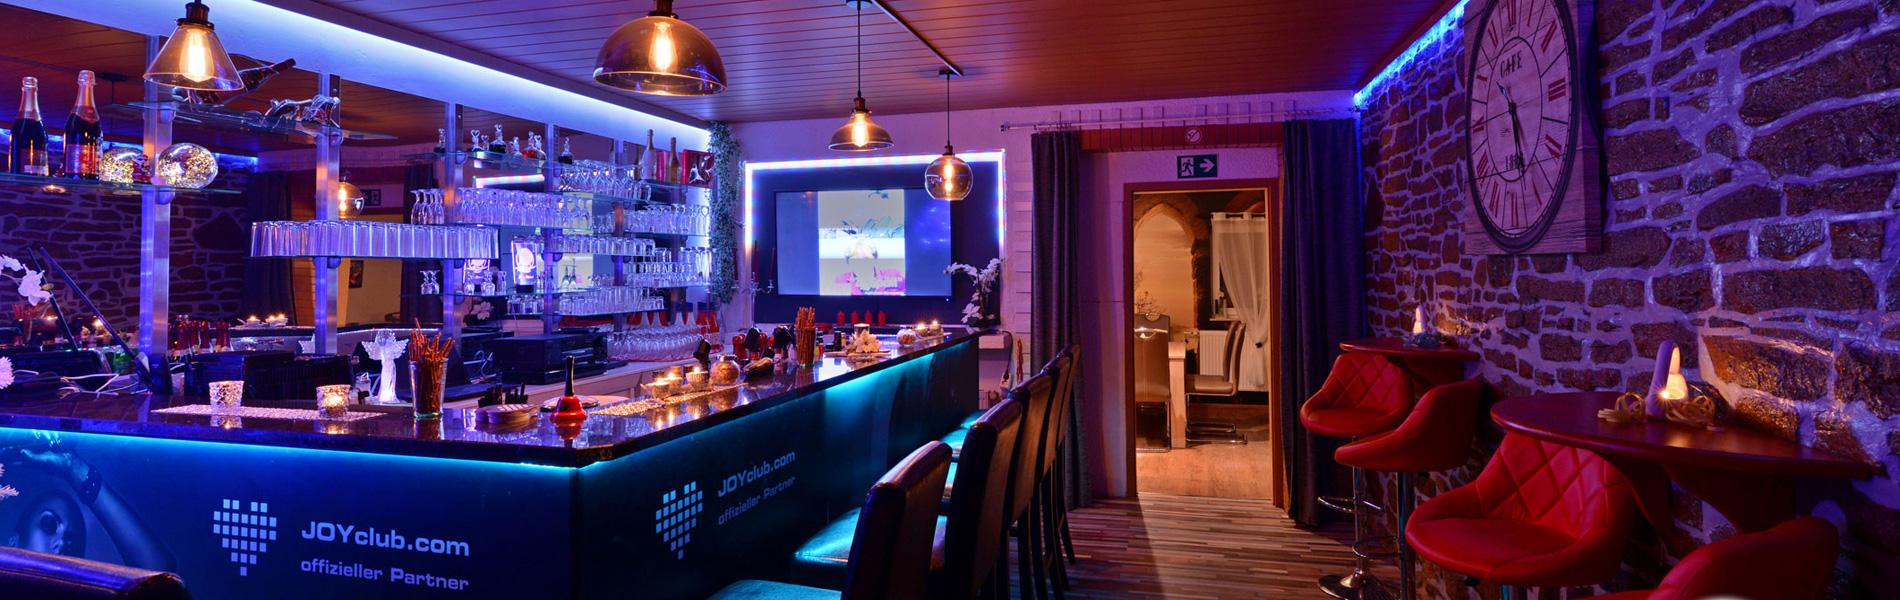 swingerclub s nachtclub goslar